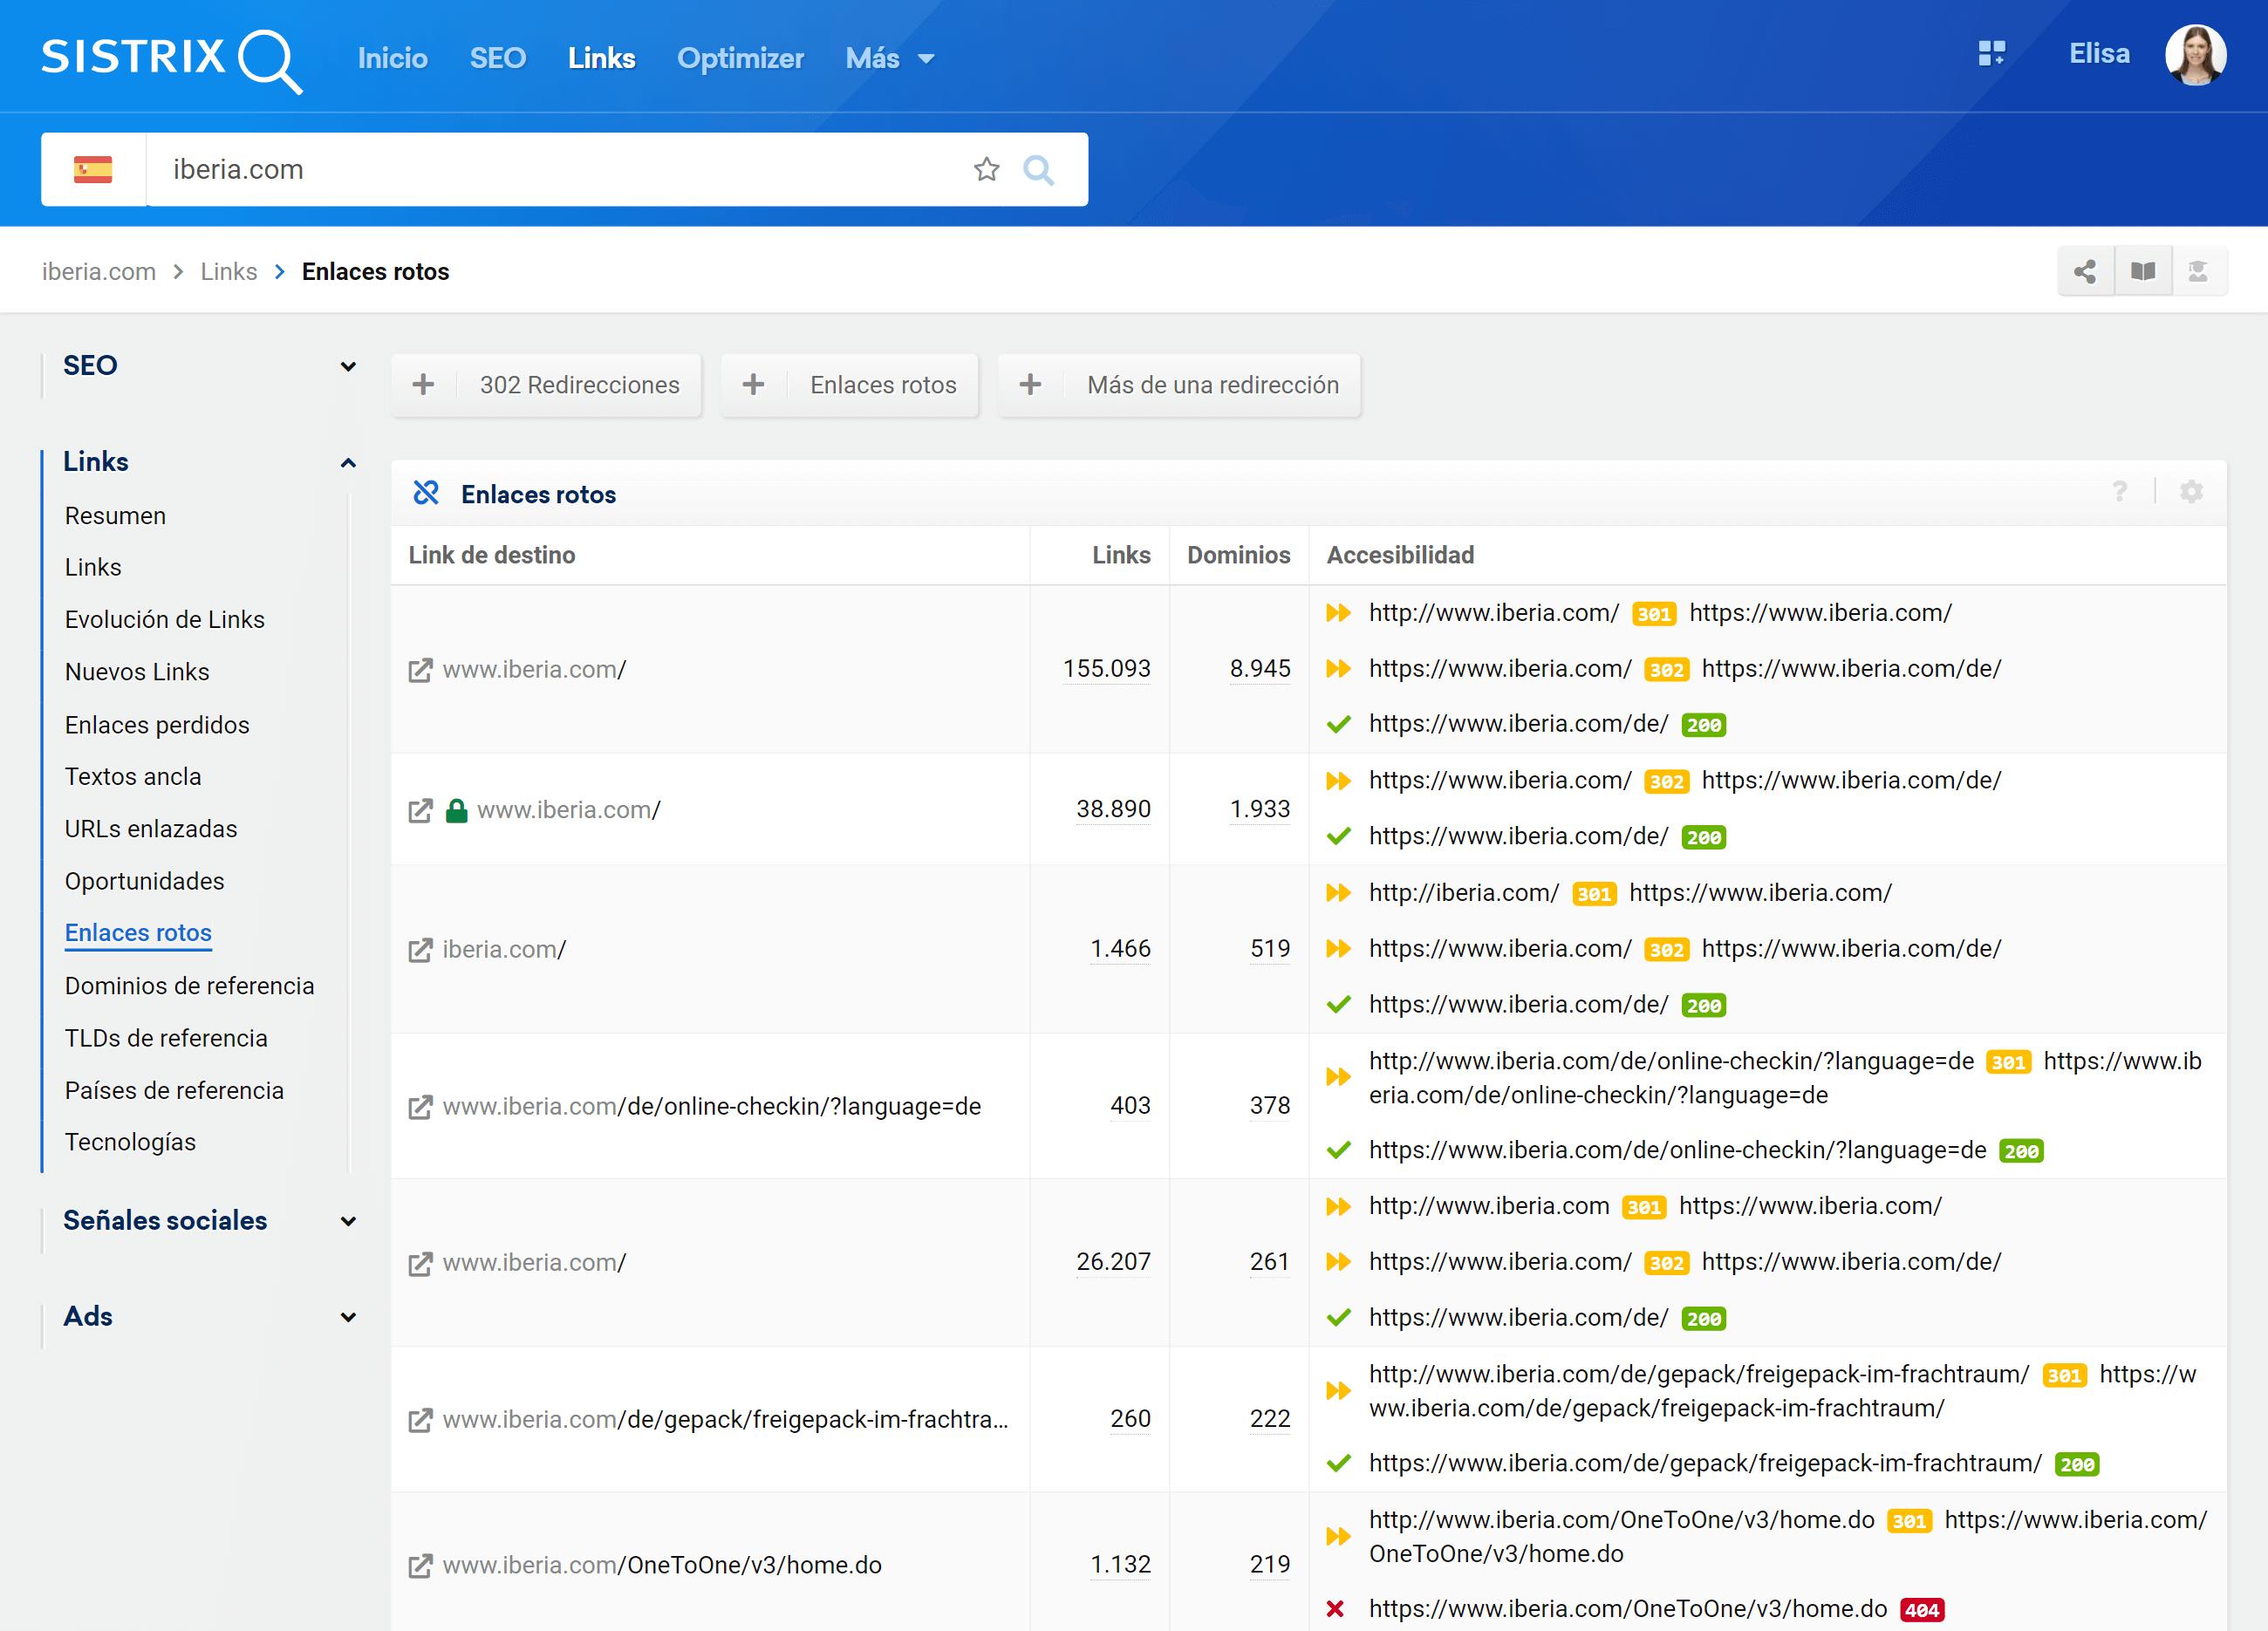 Enlaces rotos del dominio iberia.com en los resultados de búsqueda de google.es- SISTRIX